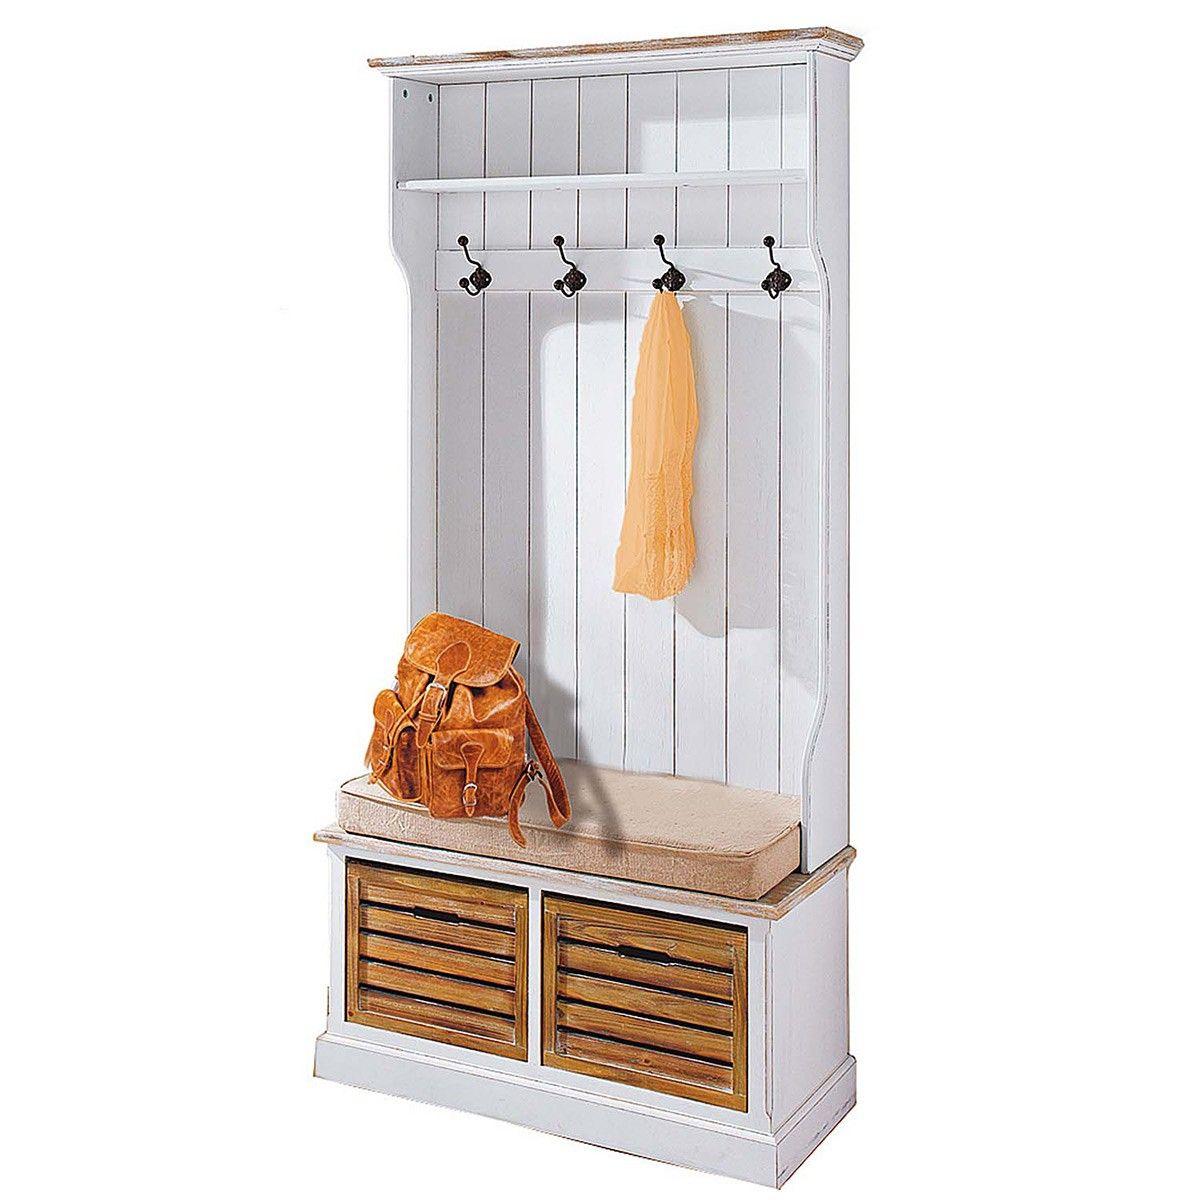 Schicke Garderobe, die für ein edles Ambiente